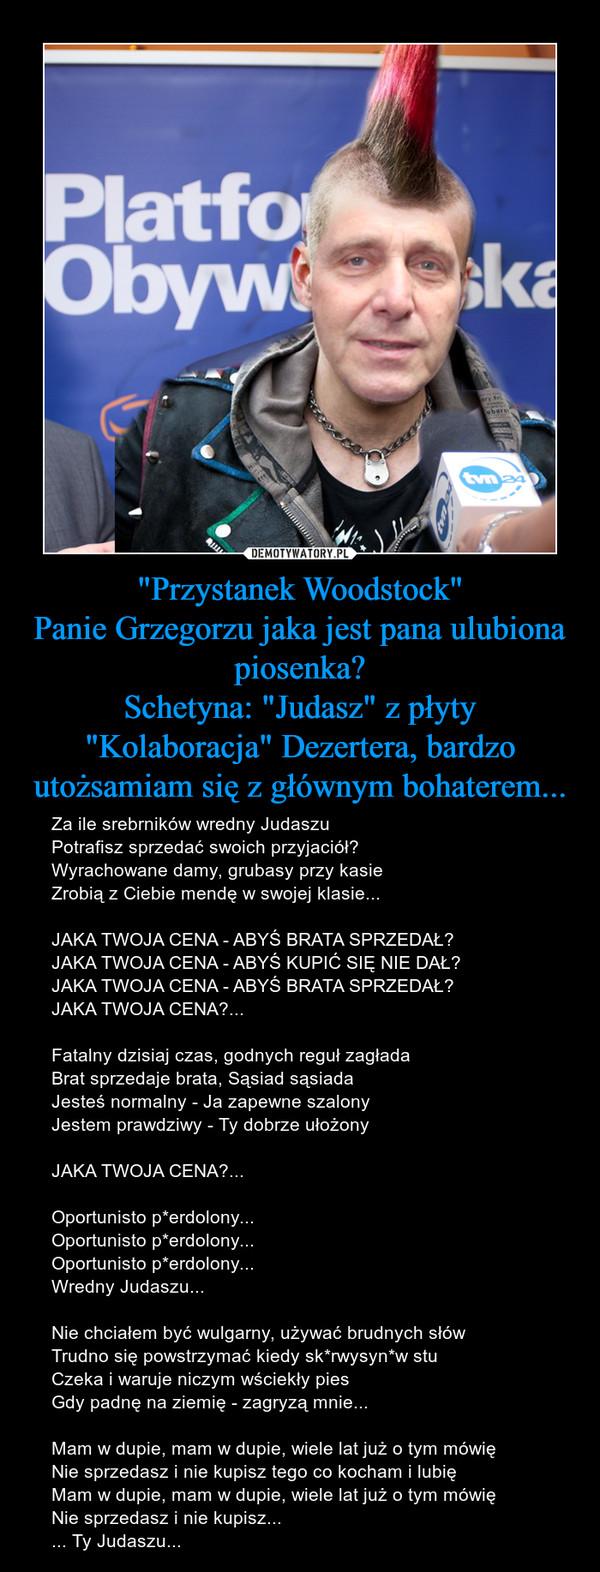 """""""Przystanek Woodstock""""Panie Grzegorzu jaka jest pana ulubiona piosenka?Schetyna: """"Judasz"""" z płyty """"Kolaboracja"""" Dezertera, bardzo utożsamiam się z głównym bohaterem... – Za ile srebrników wredny Judaszu Potrafisz sprzedać swoich przyjaciół? Wyrachowane damy, grubasy przy kasie Zrobią z Ciebie mendę w swojej klasie... JAKA TWOJA CENA - ABYŚ BRATA SPRZEDAŁ? JAKA TWOJA CENA - ABYŚ KUPIĆ SIĘ NIE DAŁ? JAKA TWOJA CENA - ABYŚ BRATA SPRZEDAŁ? JAKA TWOJA CENA?... Fatalny dzisiaj czas, godnych reguł zagłada Brat sprzedaje brata, Sąsiad sąsiada Jesteś normalny - Ja zapewne szalony Jestem prawdziwy - Ty dobrze ułożony JAKA TWOJA CENA?... Oportunisto p*erdolony... Oportunisto p*erdolony... Oportunisto p*erdolony... Wredny Judaszu... Nie chciałem być wulgarny, używać brudnych słów Trudno się powstrzymać kiedy sk*rwysyn*w stu Czeka i waruje niczym wściekły pies Gdy padnę na ziemię - zagryzą mnie... Mam w dupie, mam w dupie, wiele lat już o tym mówię Nie sprzedasz i nie kupisz tego co kocham i lubię Mam w dupie, mam w dupie, wiele lat już o tym mówię Nie sprzedasz i nie kupisz... ... Ty Judaszu..."""